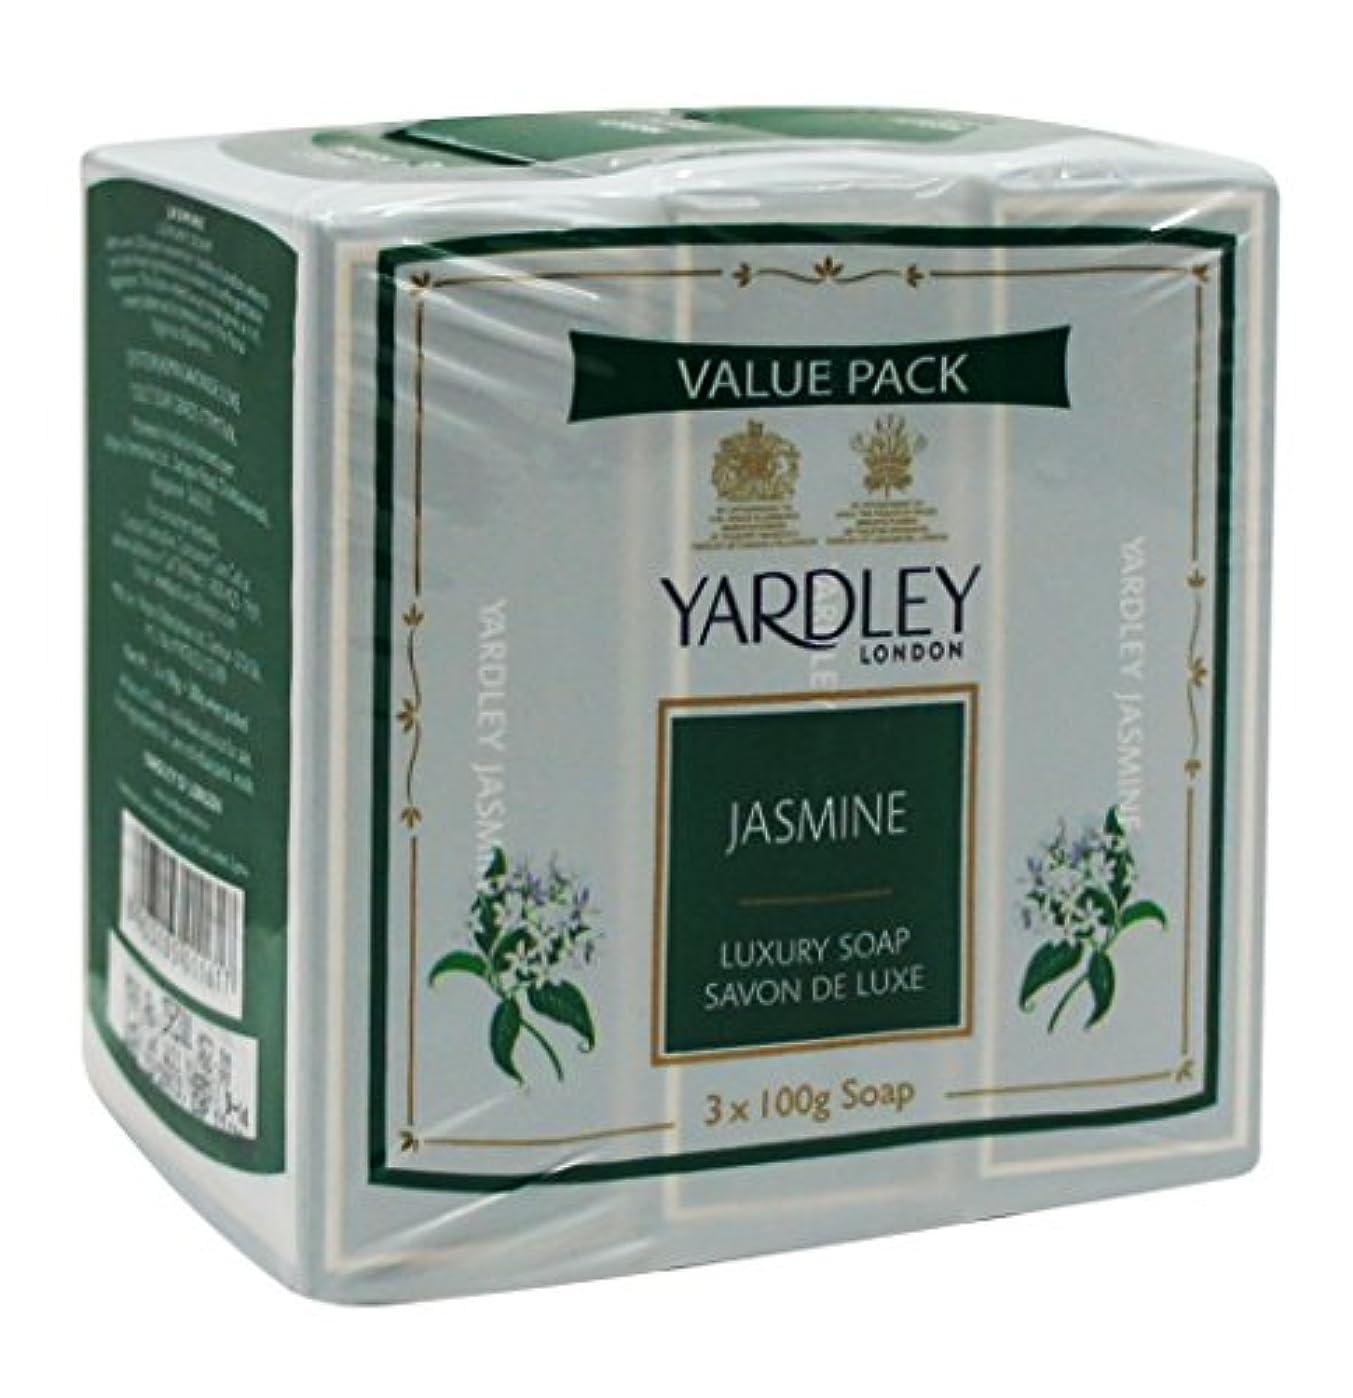 殺すバイアス被害者Yardley London Value Pack Luxury Soap 3x100g Jasmine by Yardley